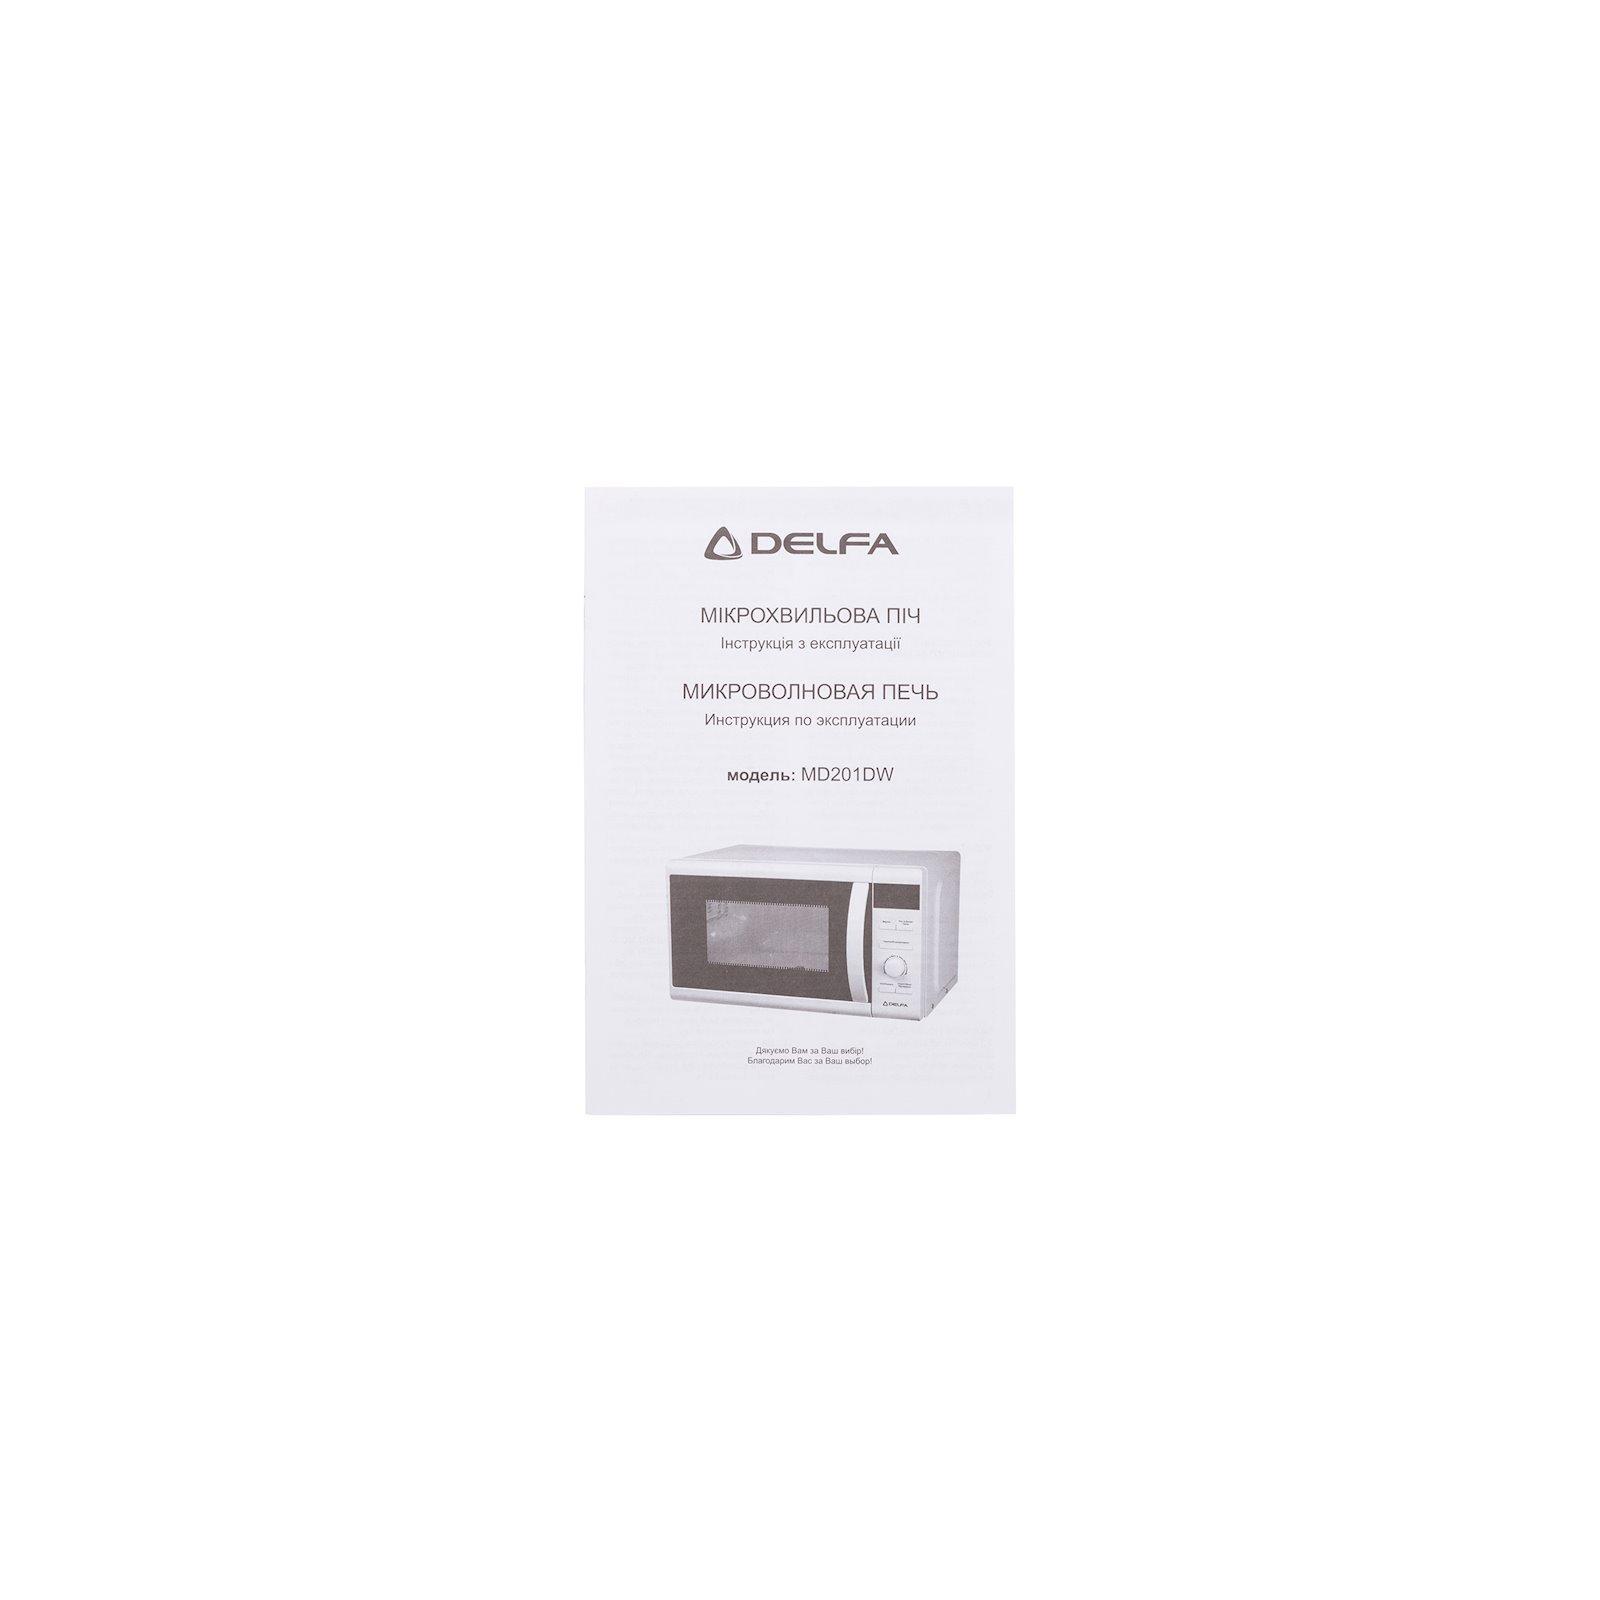 Микроволновая печь Delfa MD201DW изображение 8